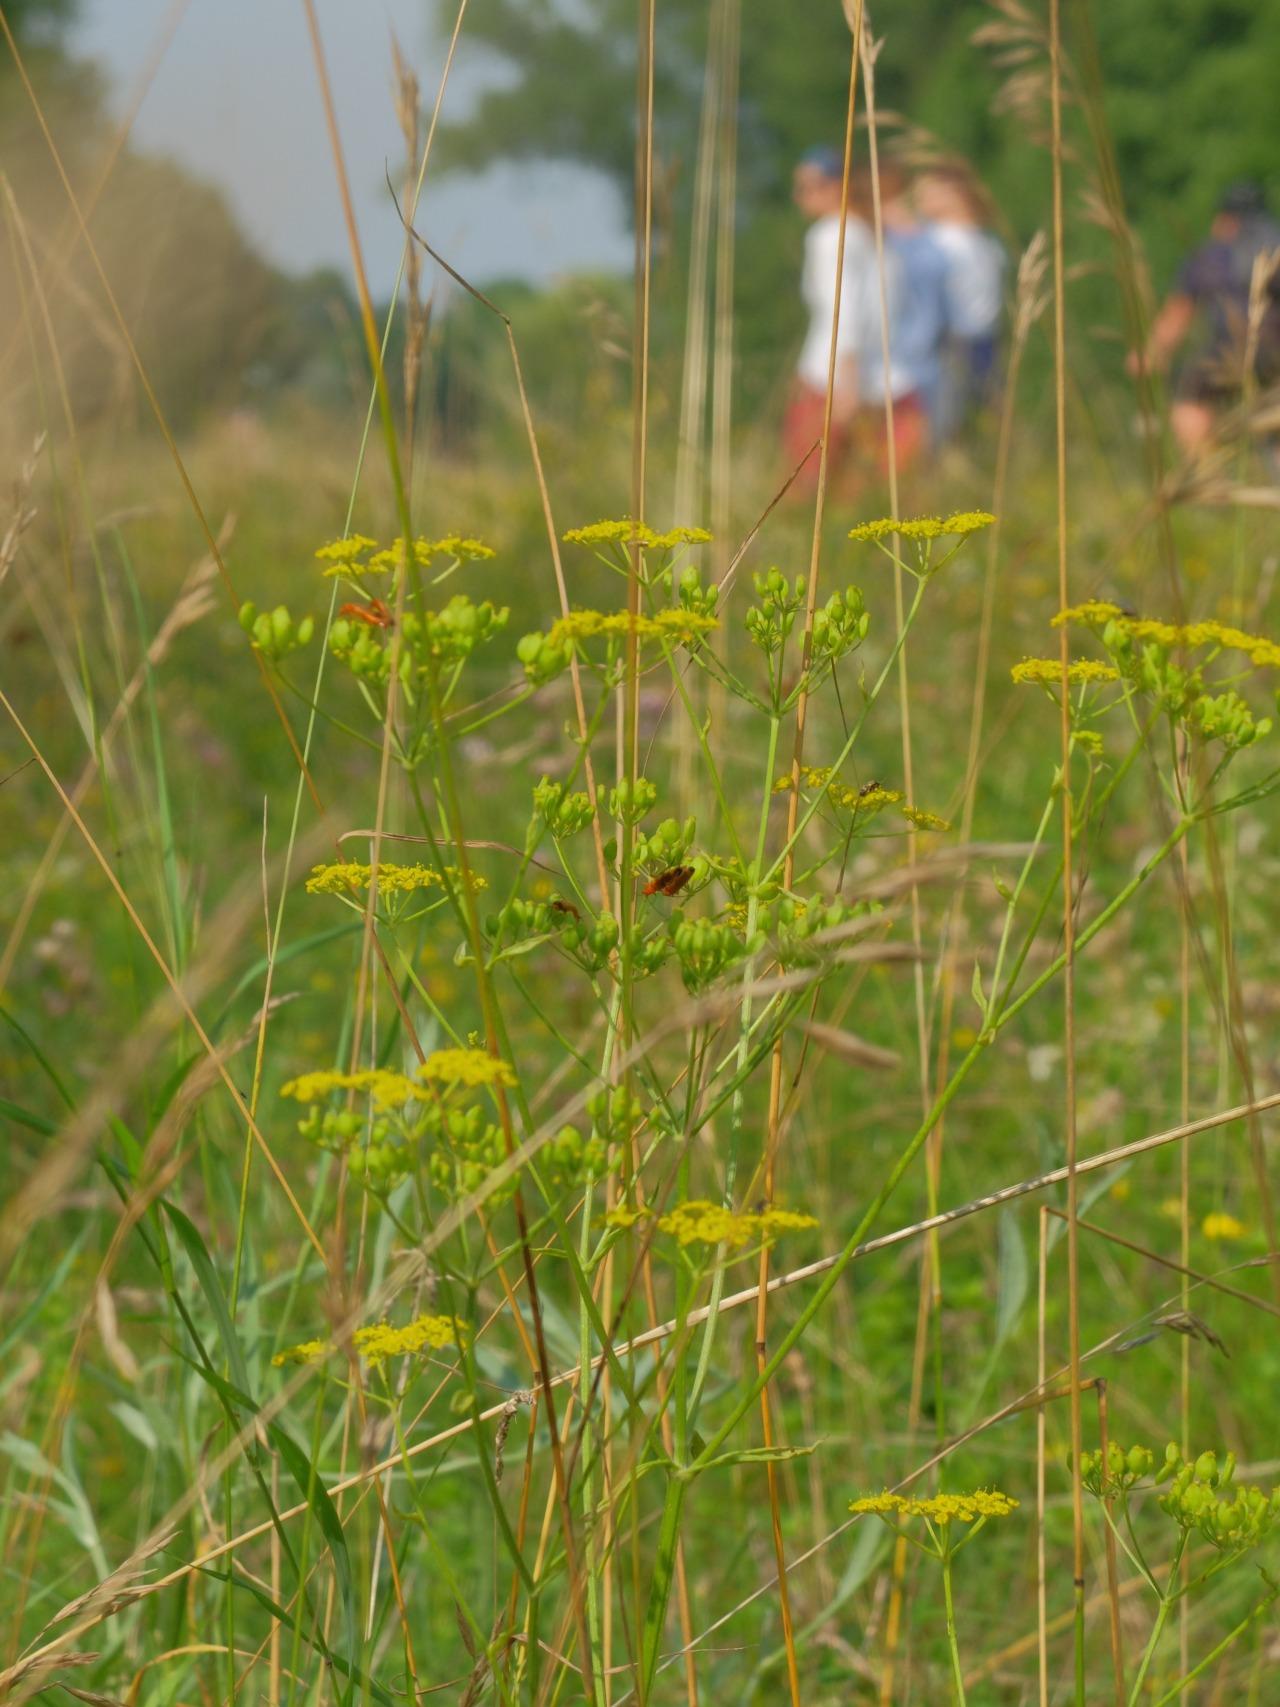 mangia minga // 'Wildkräuter: Foraging Wild Herbs' Wilde Pastinake und Wilde Möhre - wild parsnip and wild carrot